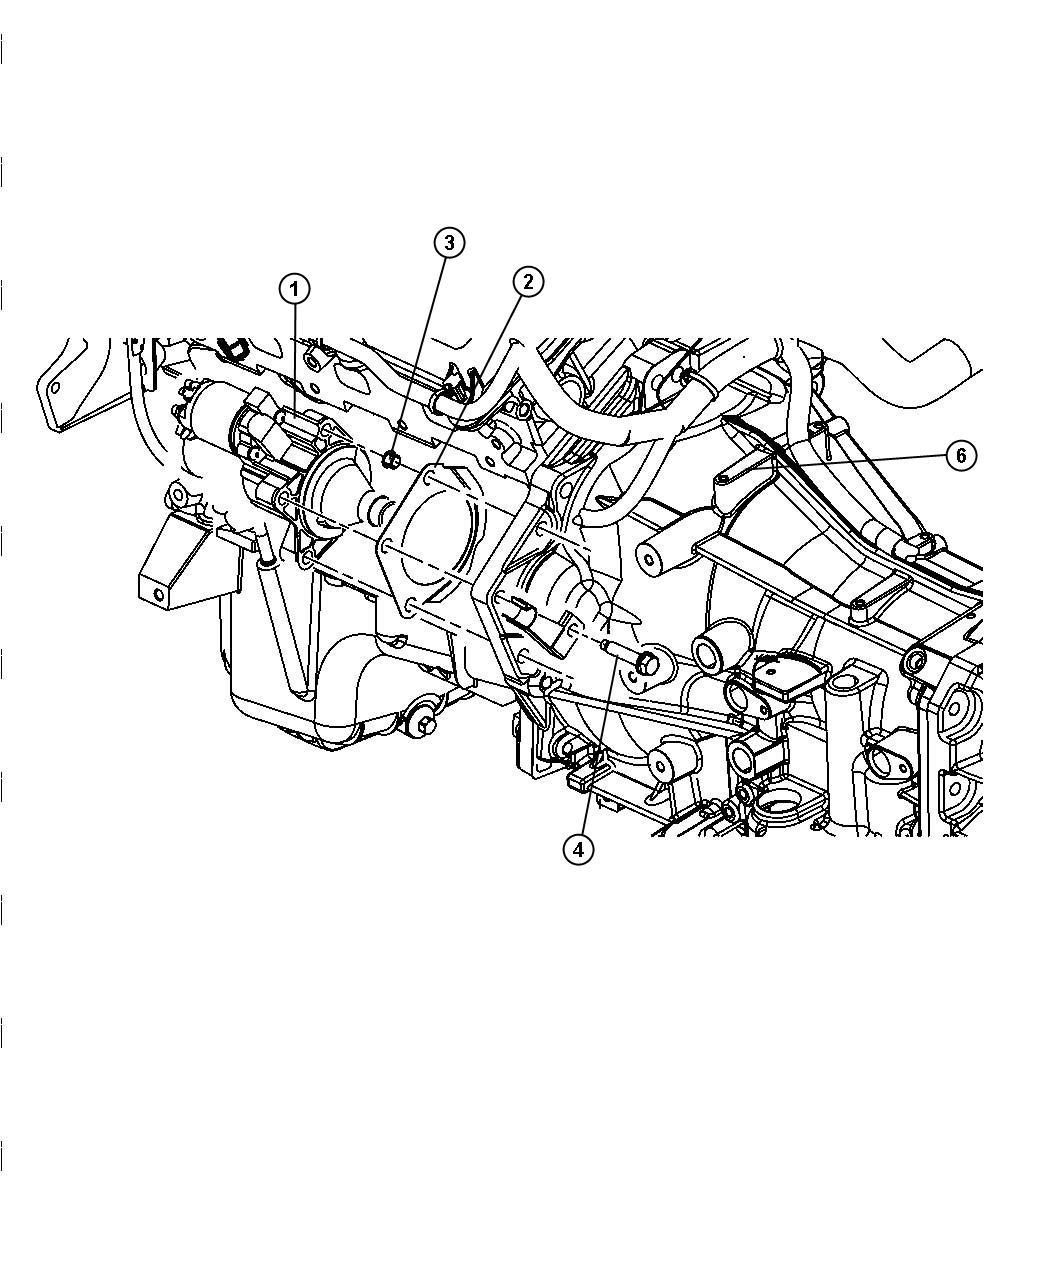 2008 Dodge Magnum Bracket. Wiring. Starter wiring. Engine